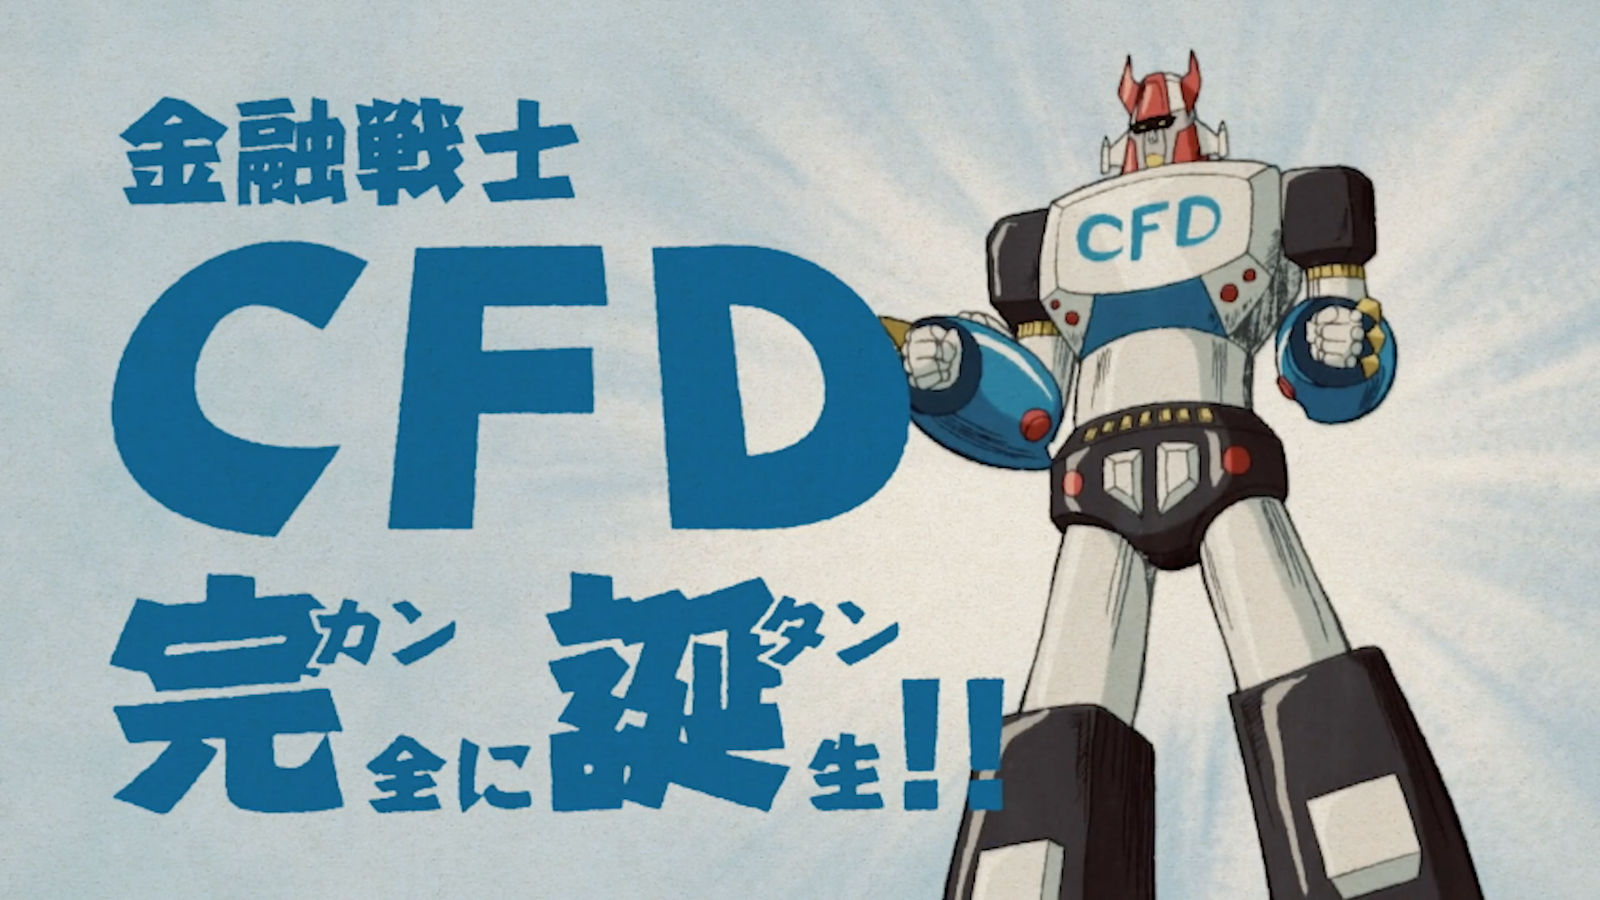 「金融戦士CFD」